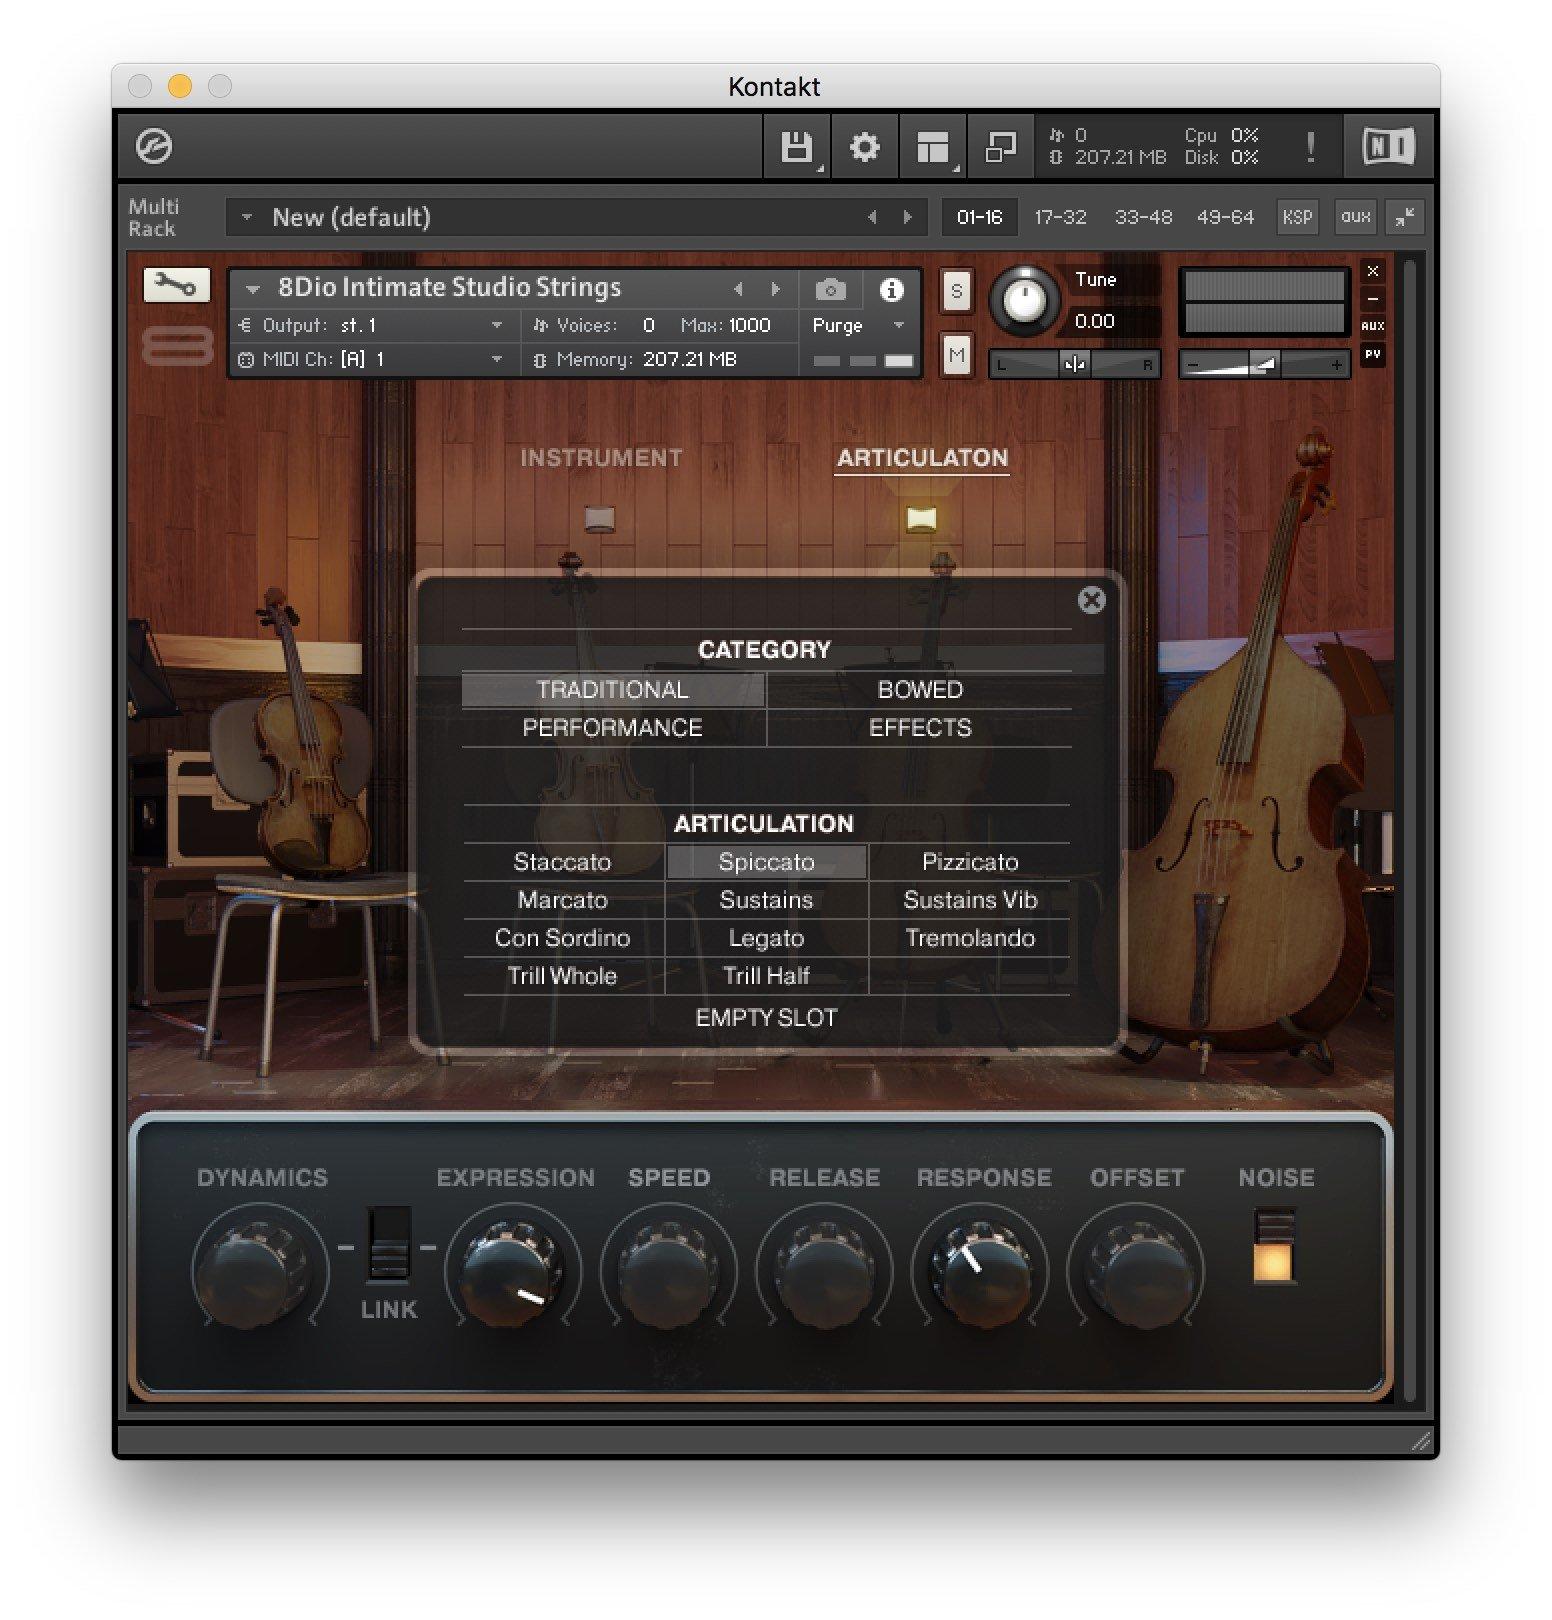 8Dio Intimate Studio Strings - Recensione - Articolazioni